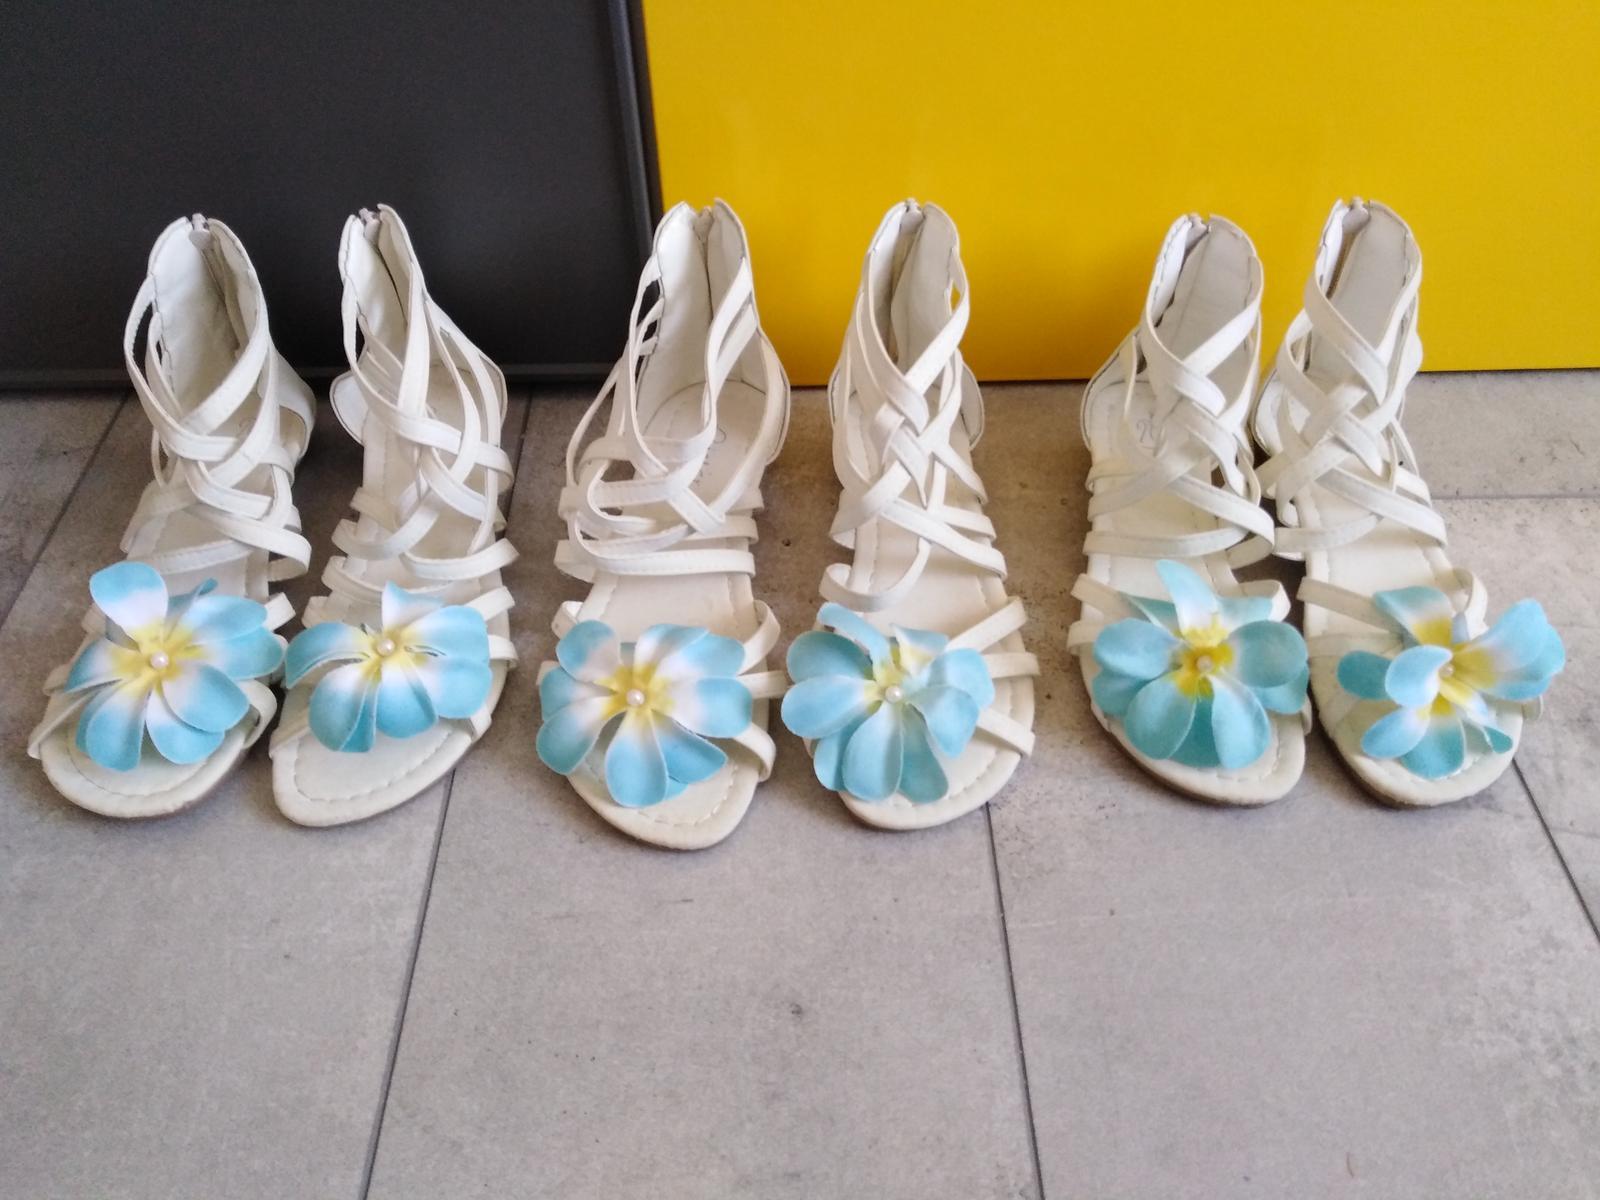 Dívčí boty na svatbu - Obrázek č. 2